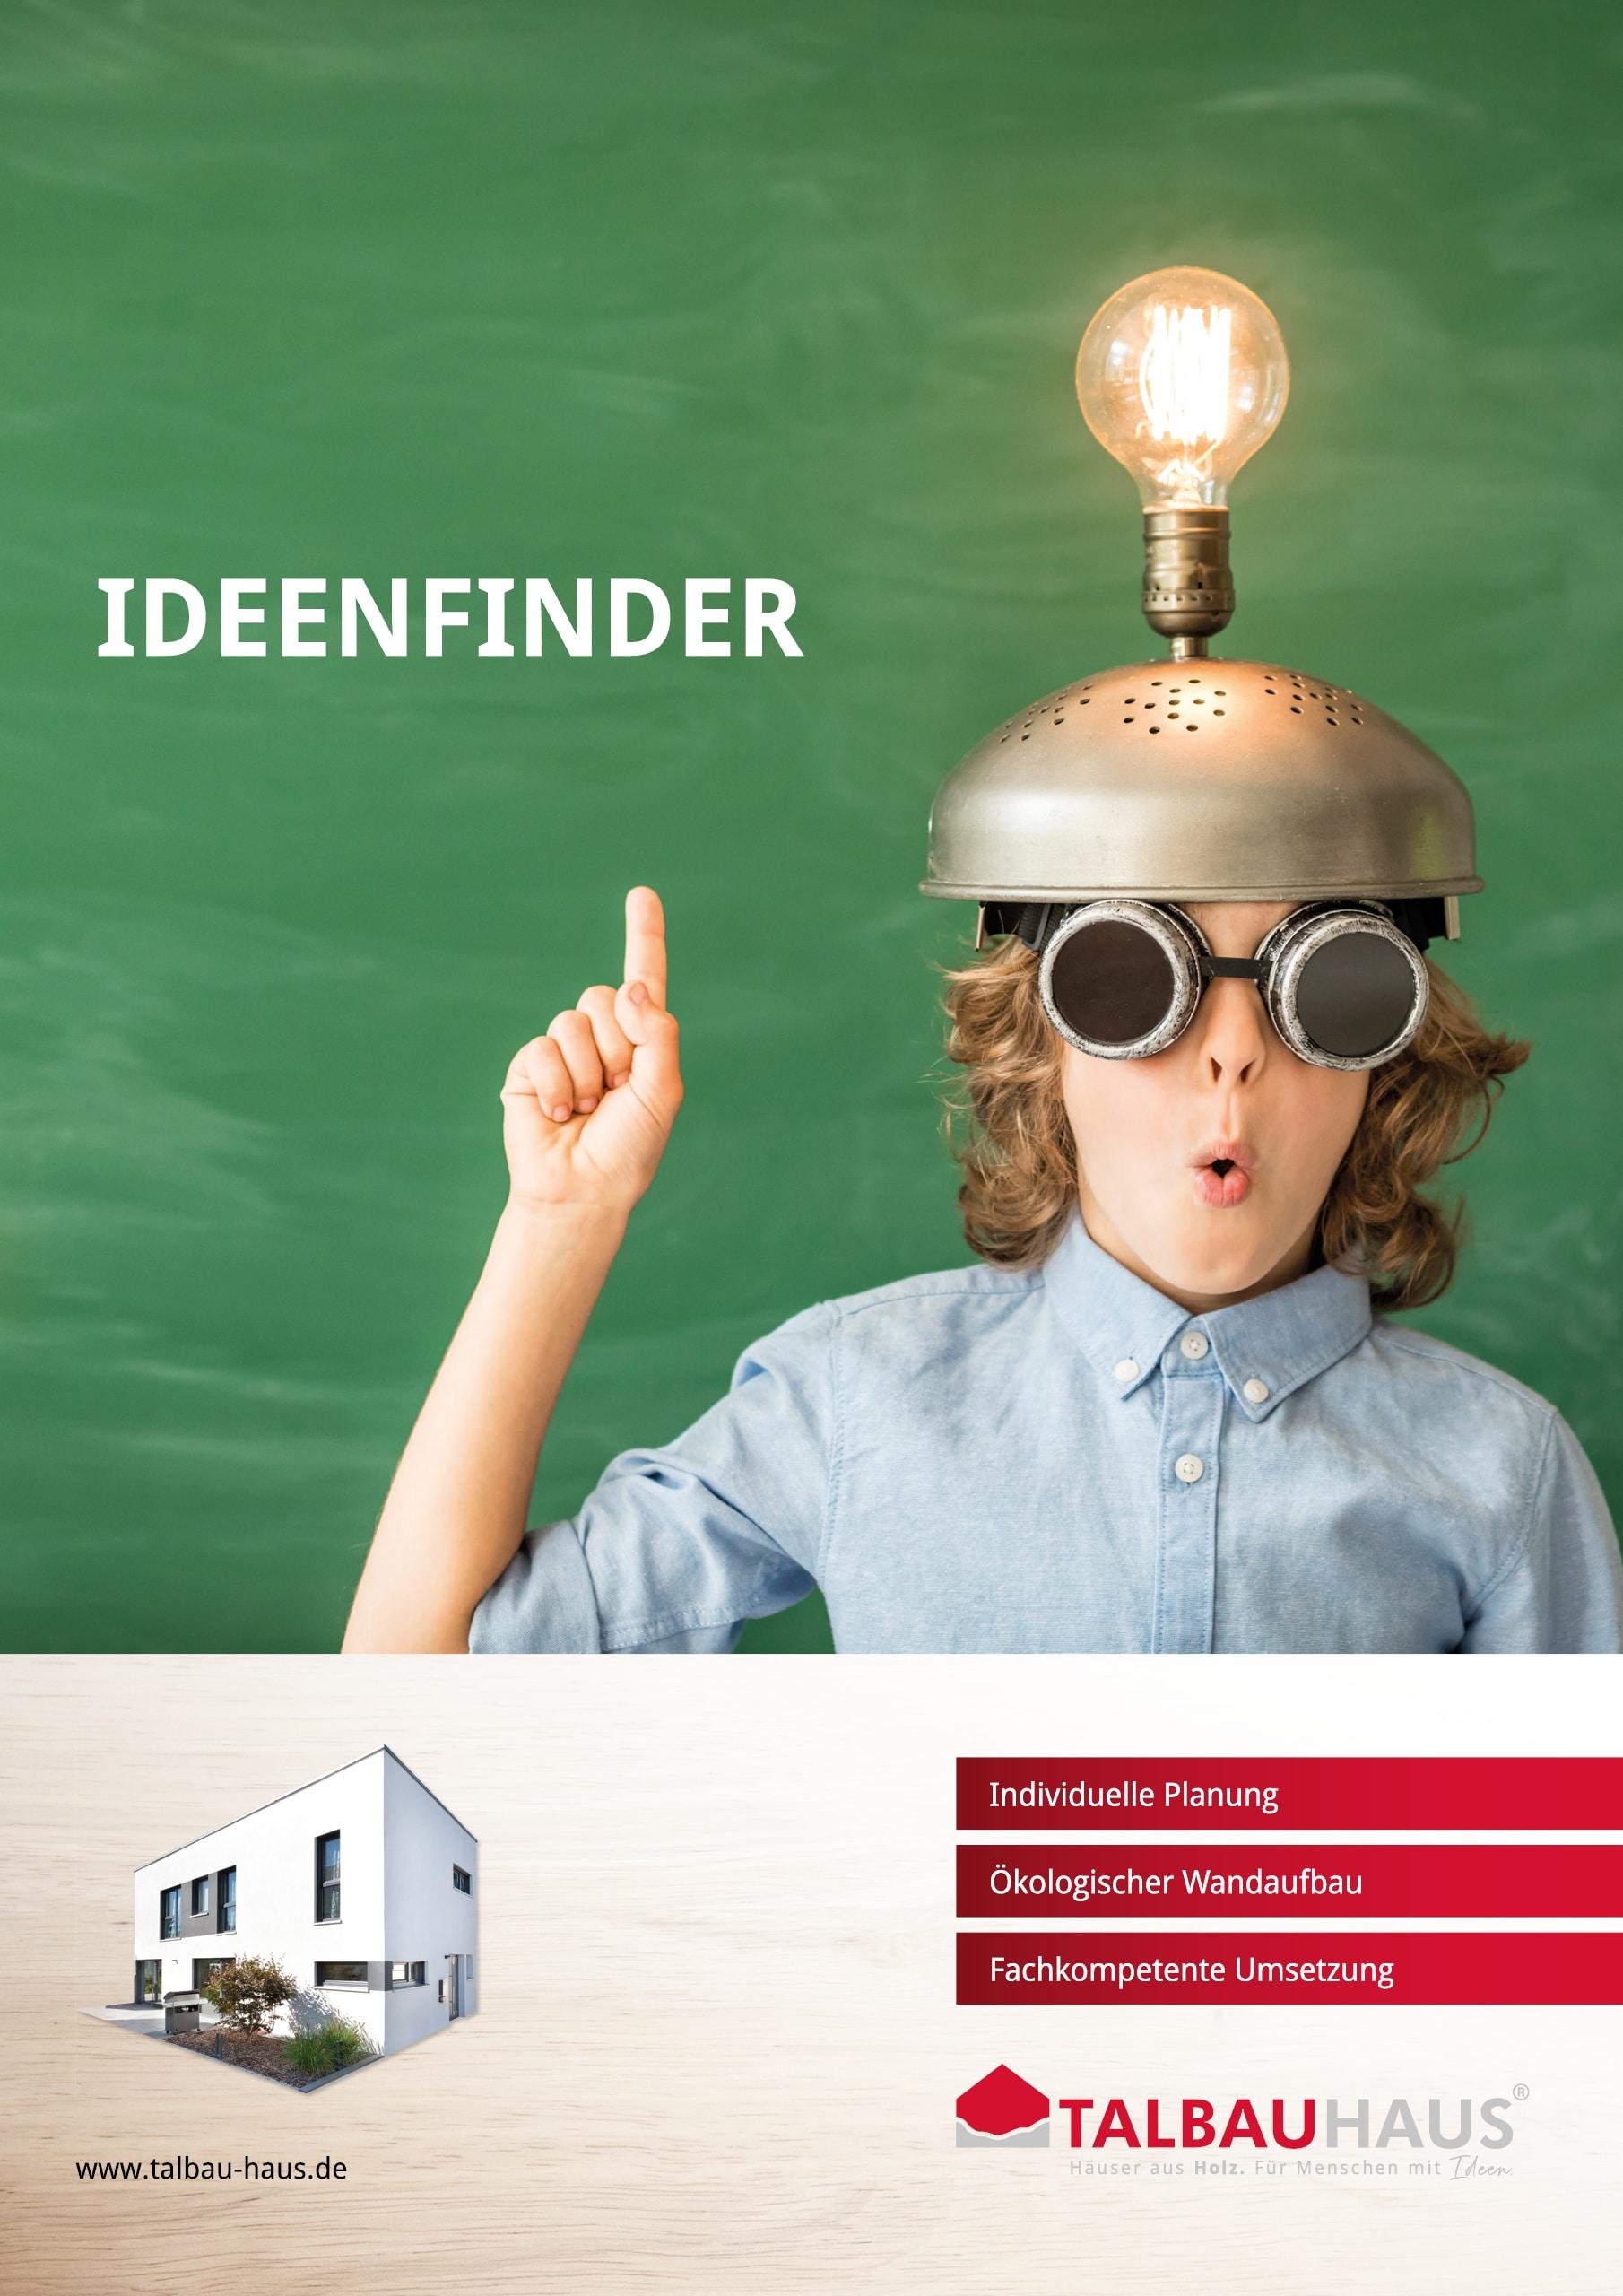 Ideenfinderdownload prospekt infomaterial TALBAU-Haus downloads